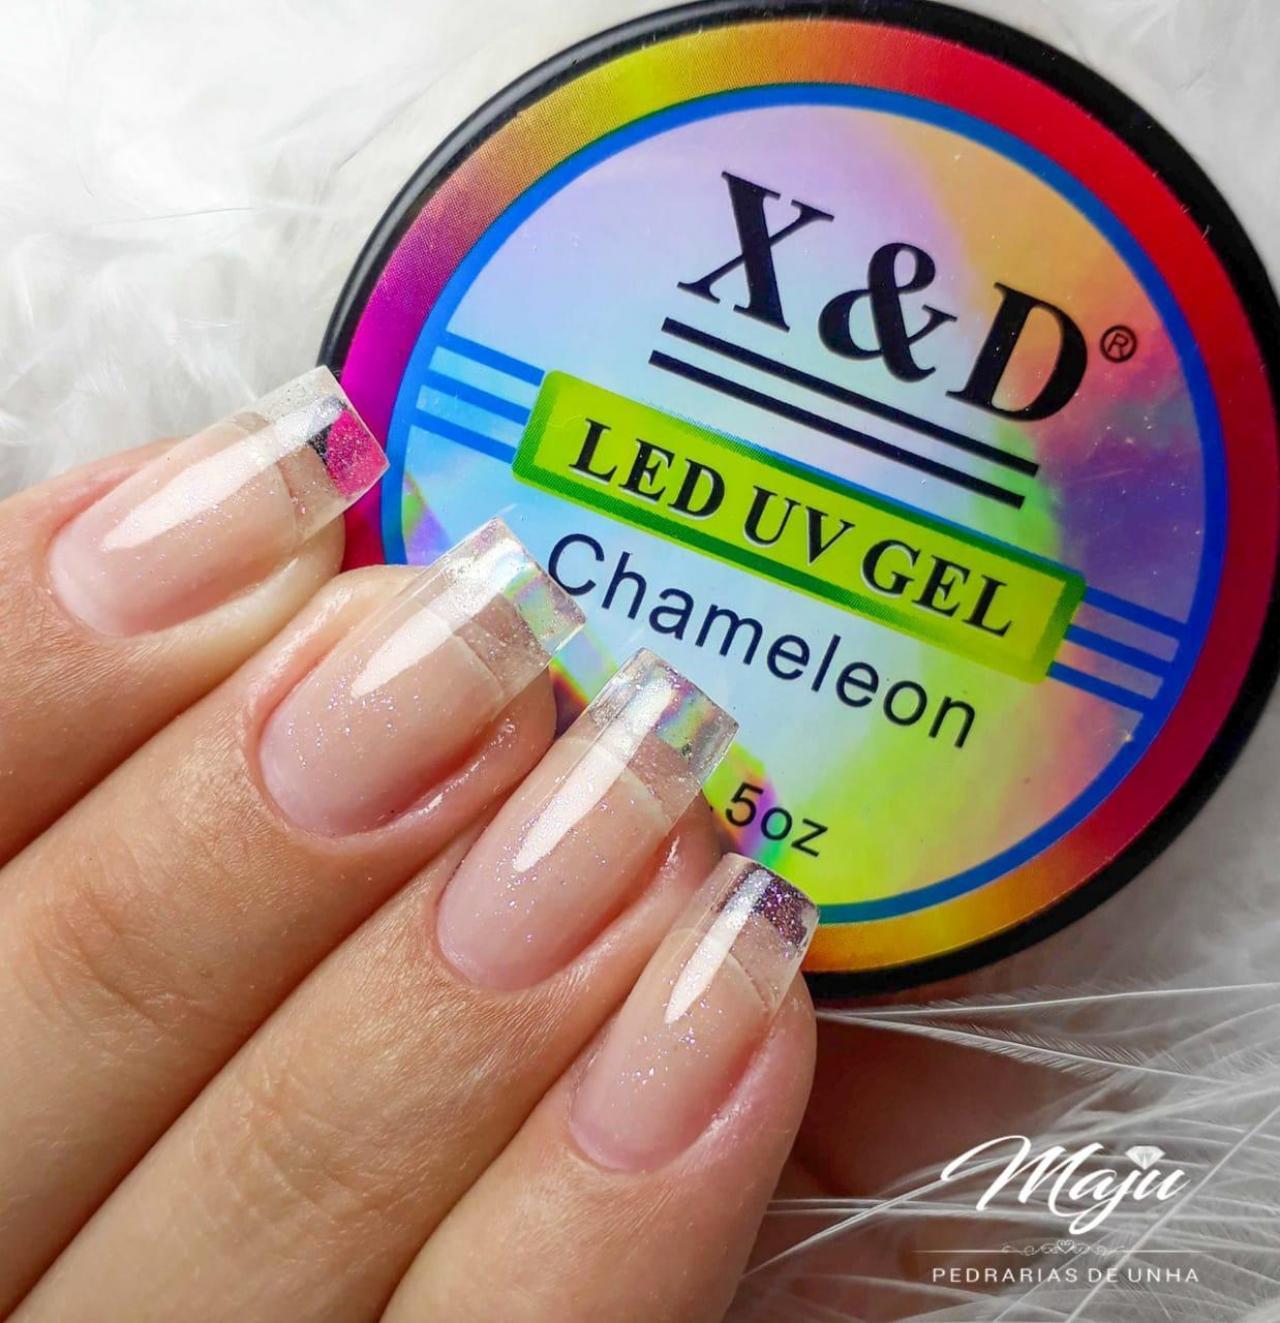 GEL LED UV CHAMELEON 15G.